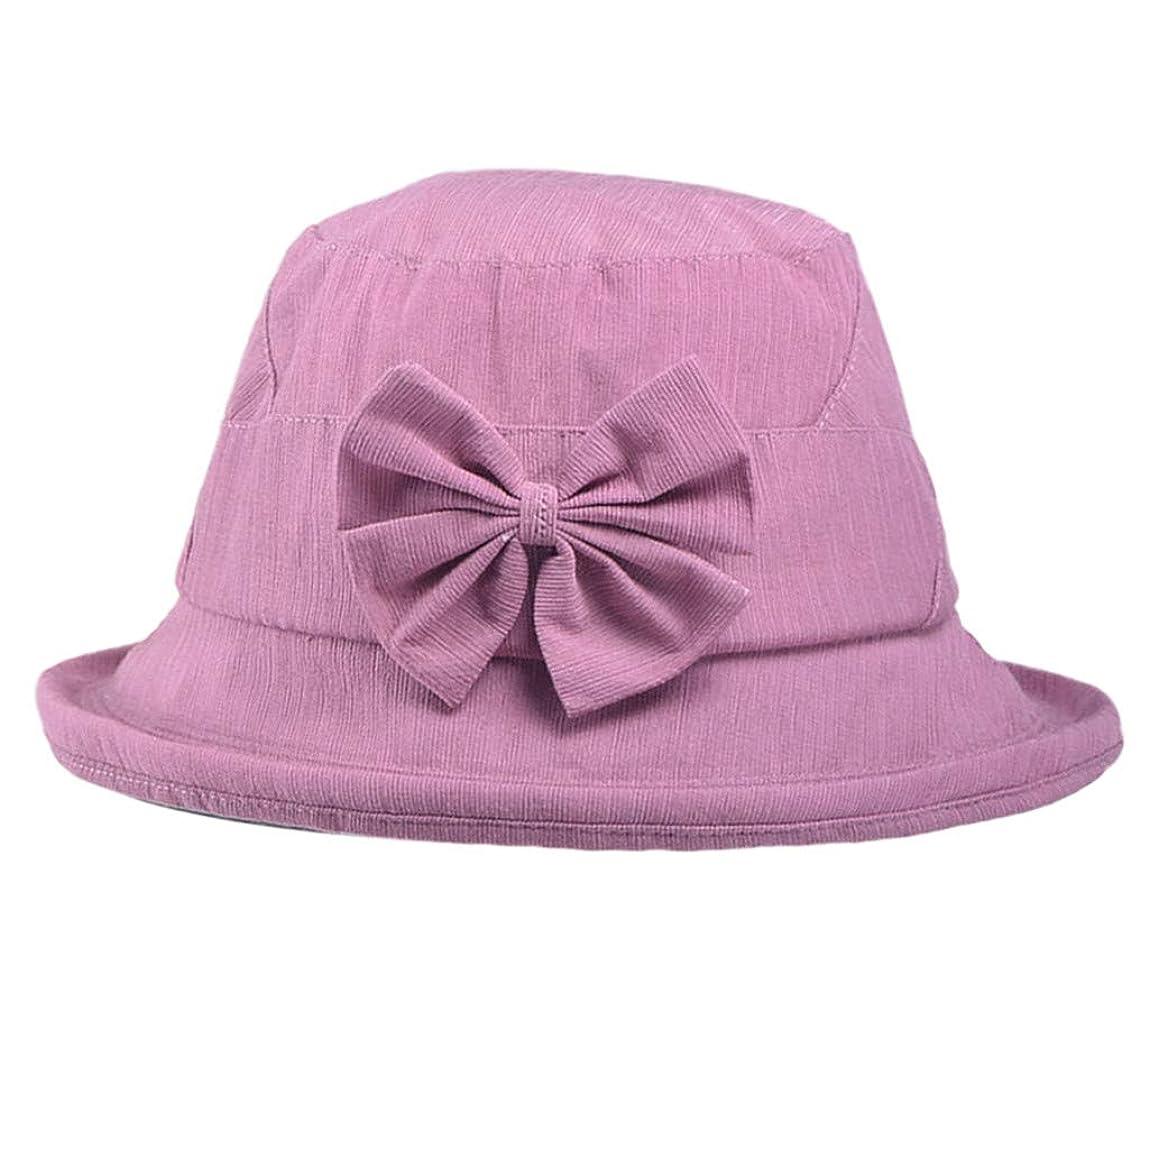 誤解を招く無臭キノコファッション小物 夏 帽子 レディース UVカット 帽子 アウトドア 夏 春 UVカット 帽子 蝶結び 漁師帽 日焼け防止 つば広 無地 ハット レディース 女性 紫外線対策 大きいサイズ 夏季 ビーチ ROSE ROMAN